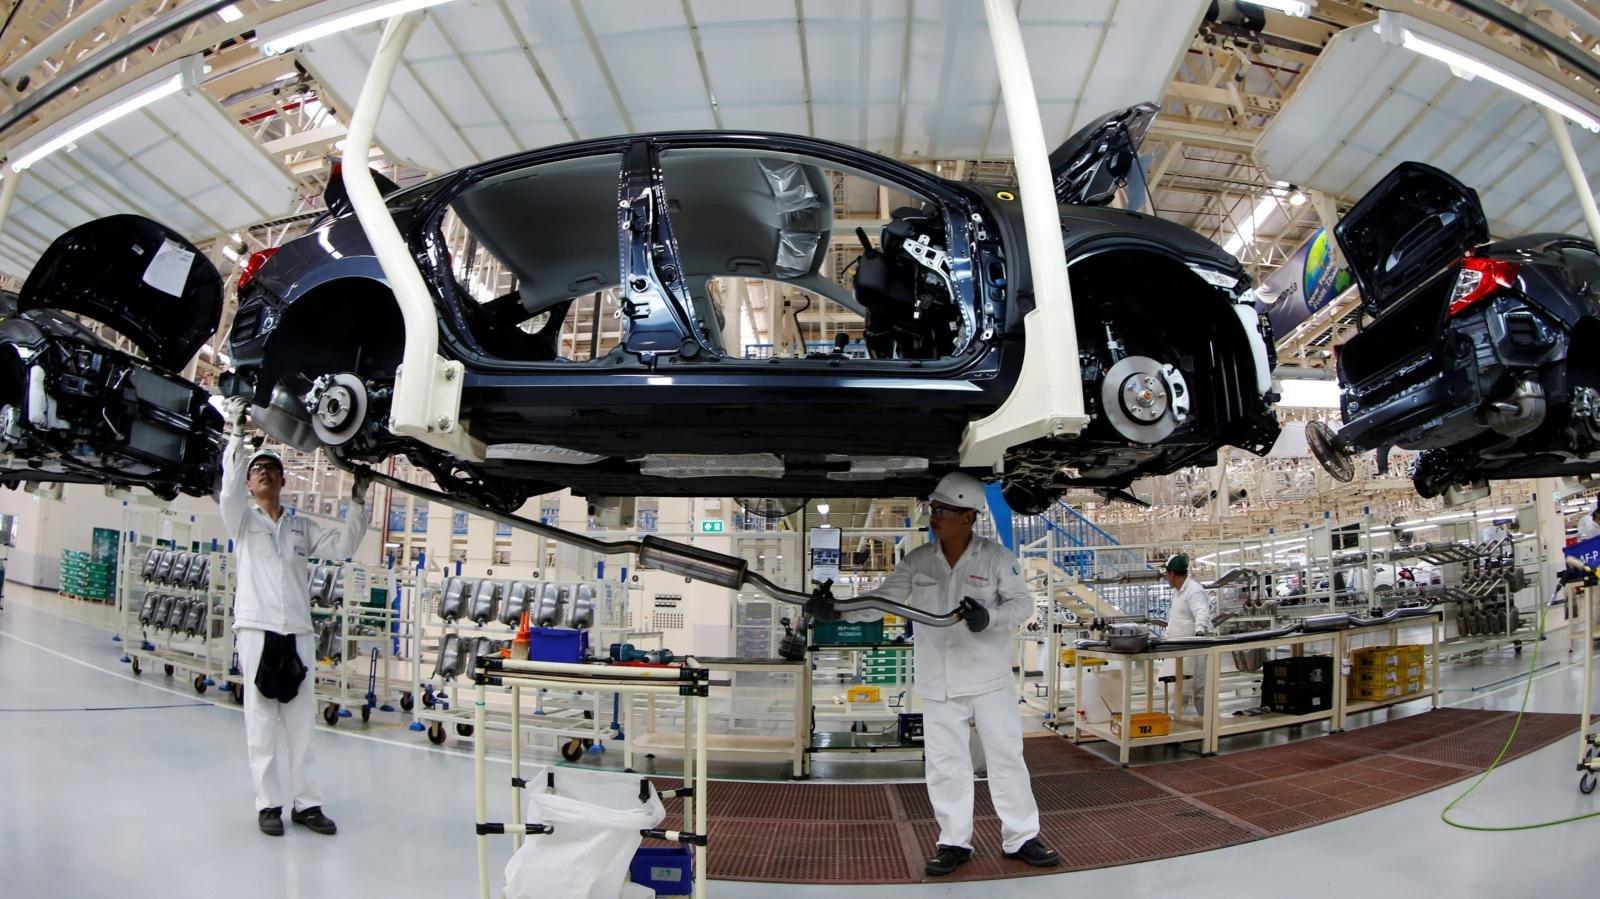 Doanh số xe Honda toàn cầu giảm mạnh vì ảnh hưởng dịch Covid-19,